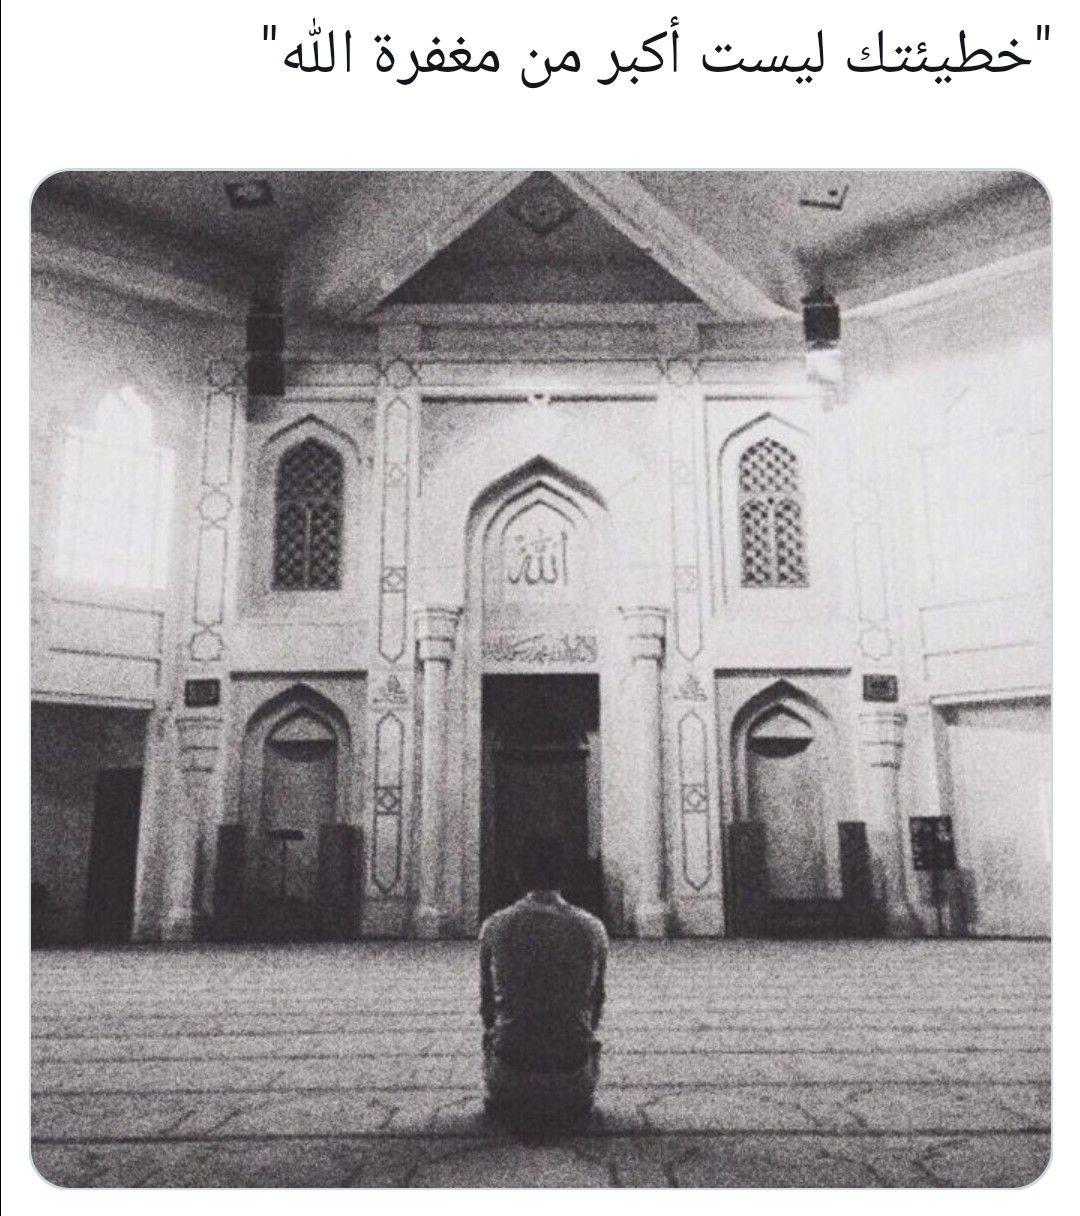 خطيئتك ليست أكبر من مغفر الله Islamic Pictures Muslim Pictures Free Instagram